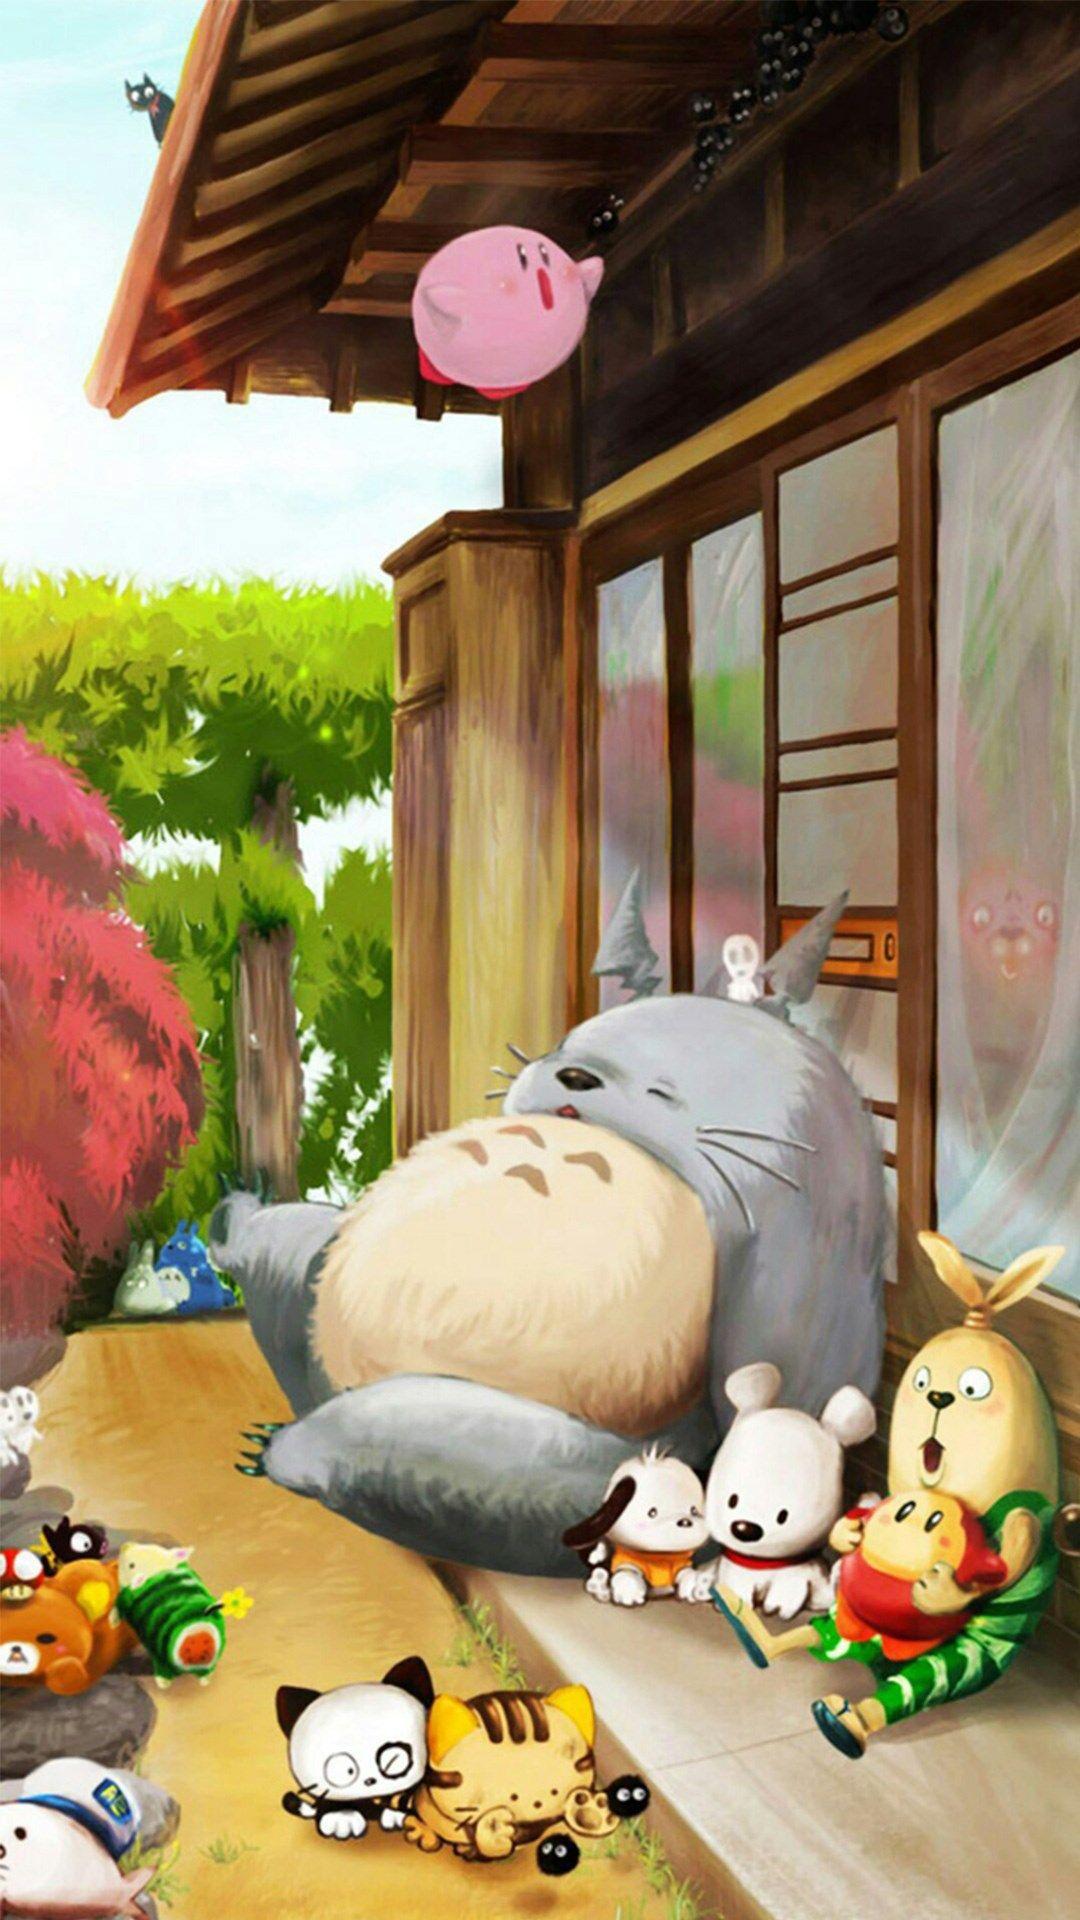 Dreamy Cute Lovely Totoro Window Outside IPhone 6 Wallpaper